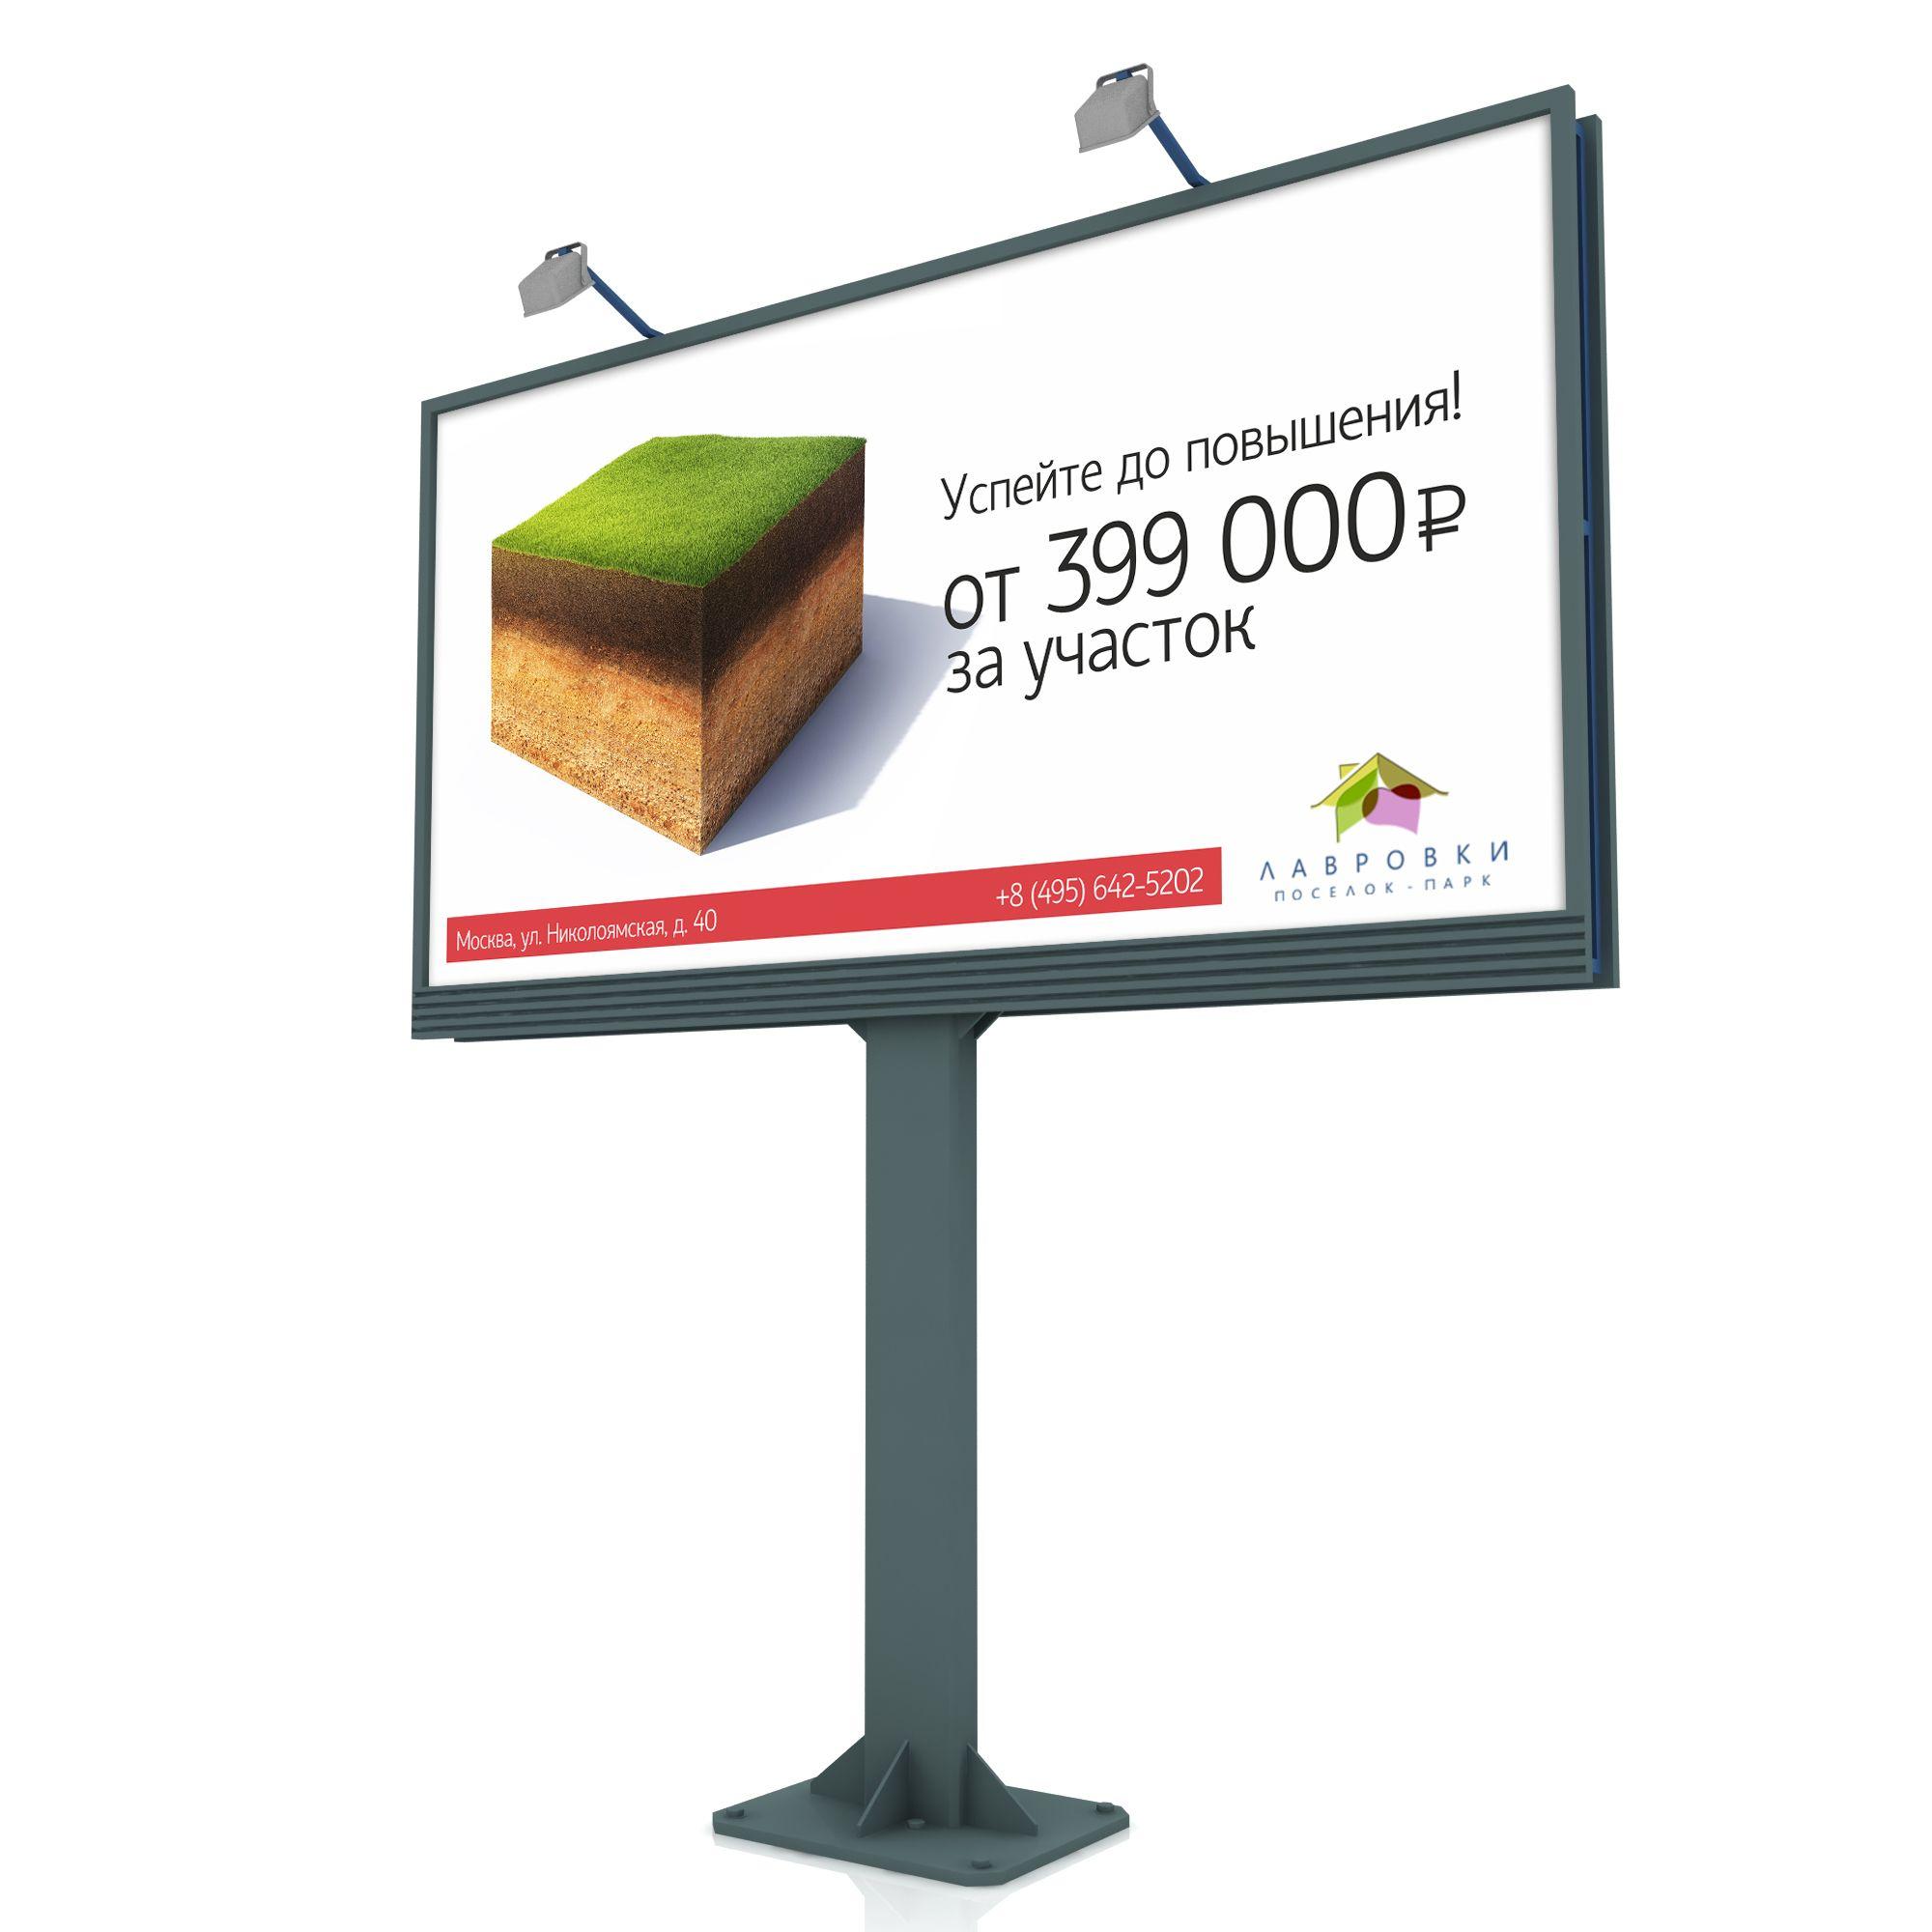 Рекламный баннер 3х6 - дизайнер dossbos